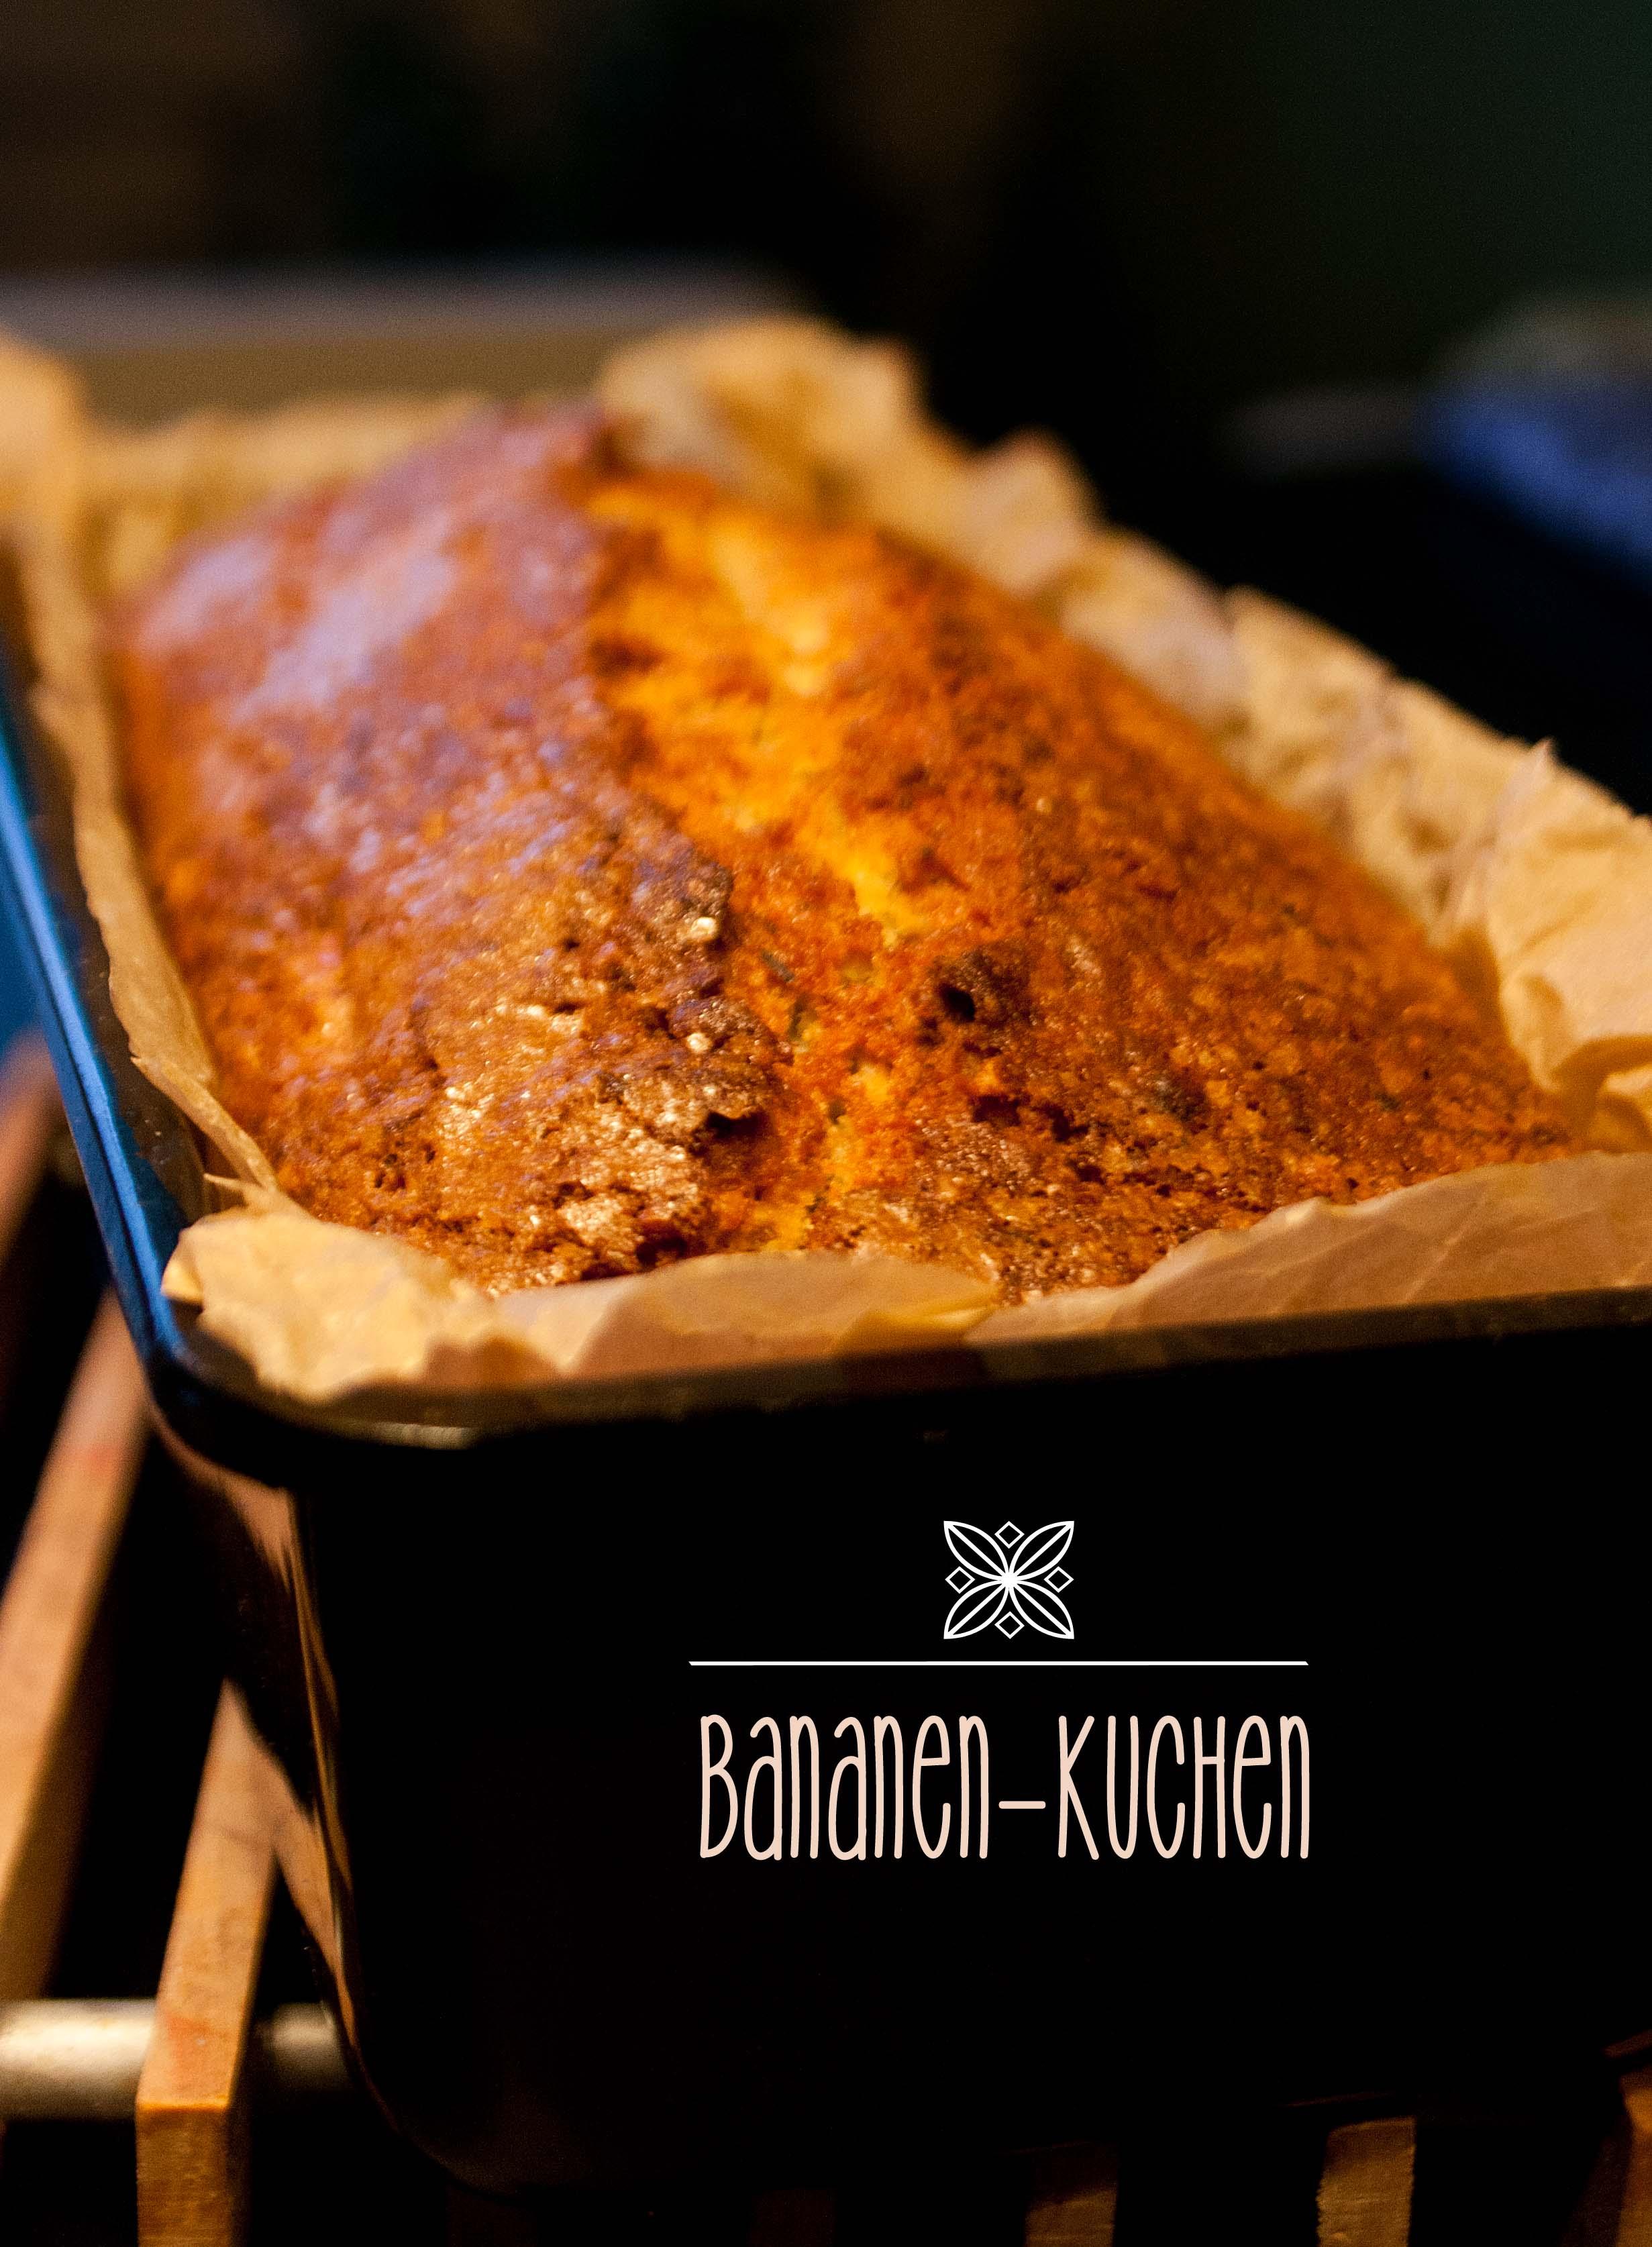 Blitzschneller Bananenkuchen. Das Rezept für den schnellen Bananenkuchen findet ihr auf: http://babyrockmyday.com/bananen-kuchen/